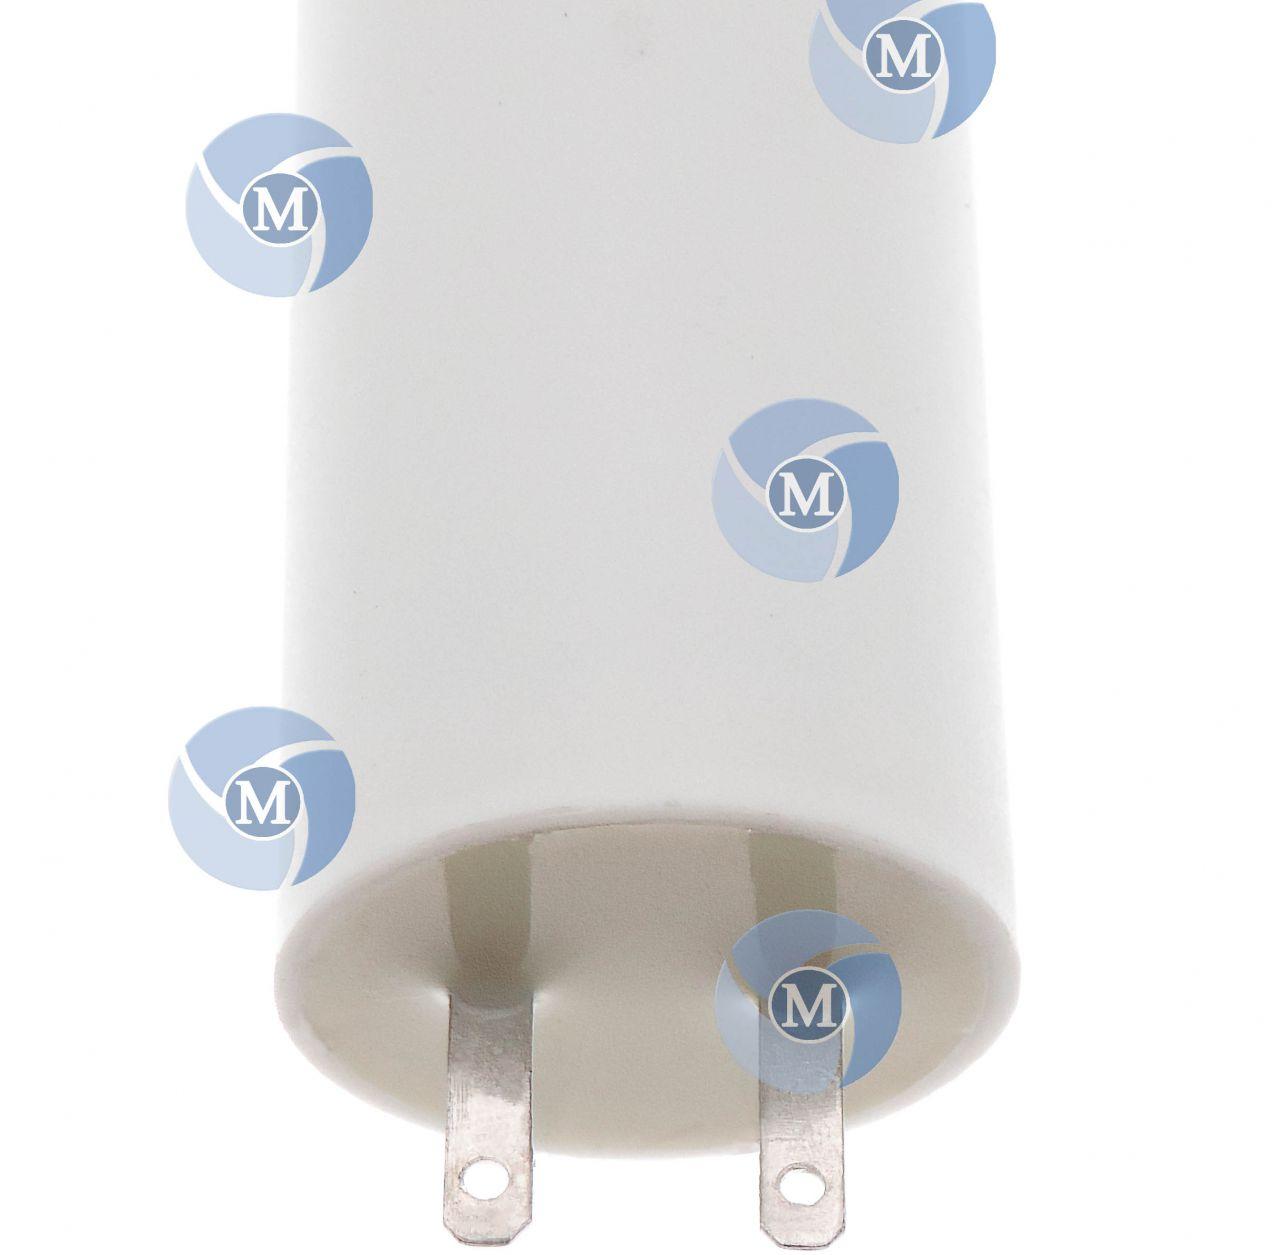 condensateur 4 f pour moteurs volets roulants 8 10 nm cosses 2 8 mm. Black Bedroom Furniture Sets. Home Design Ideas